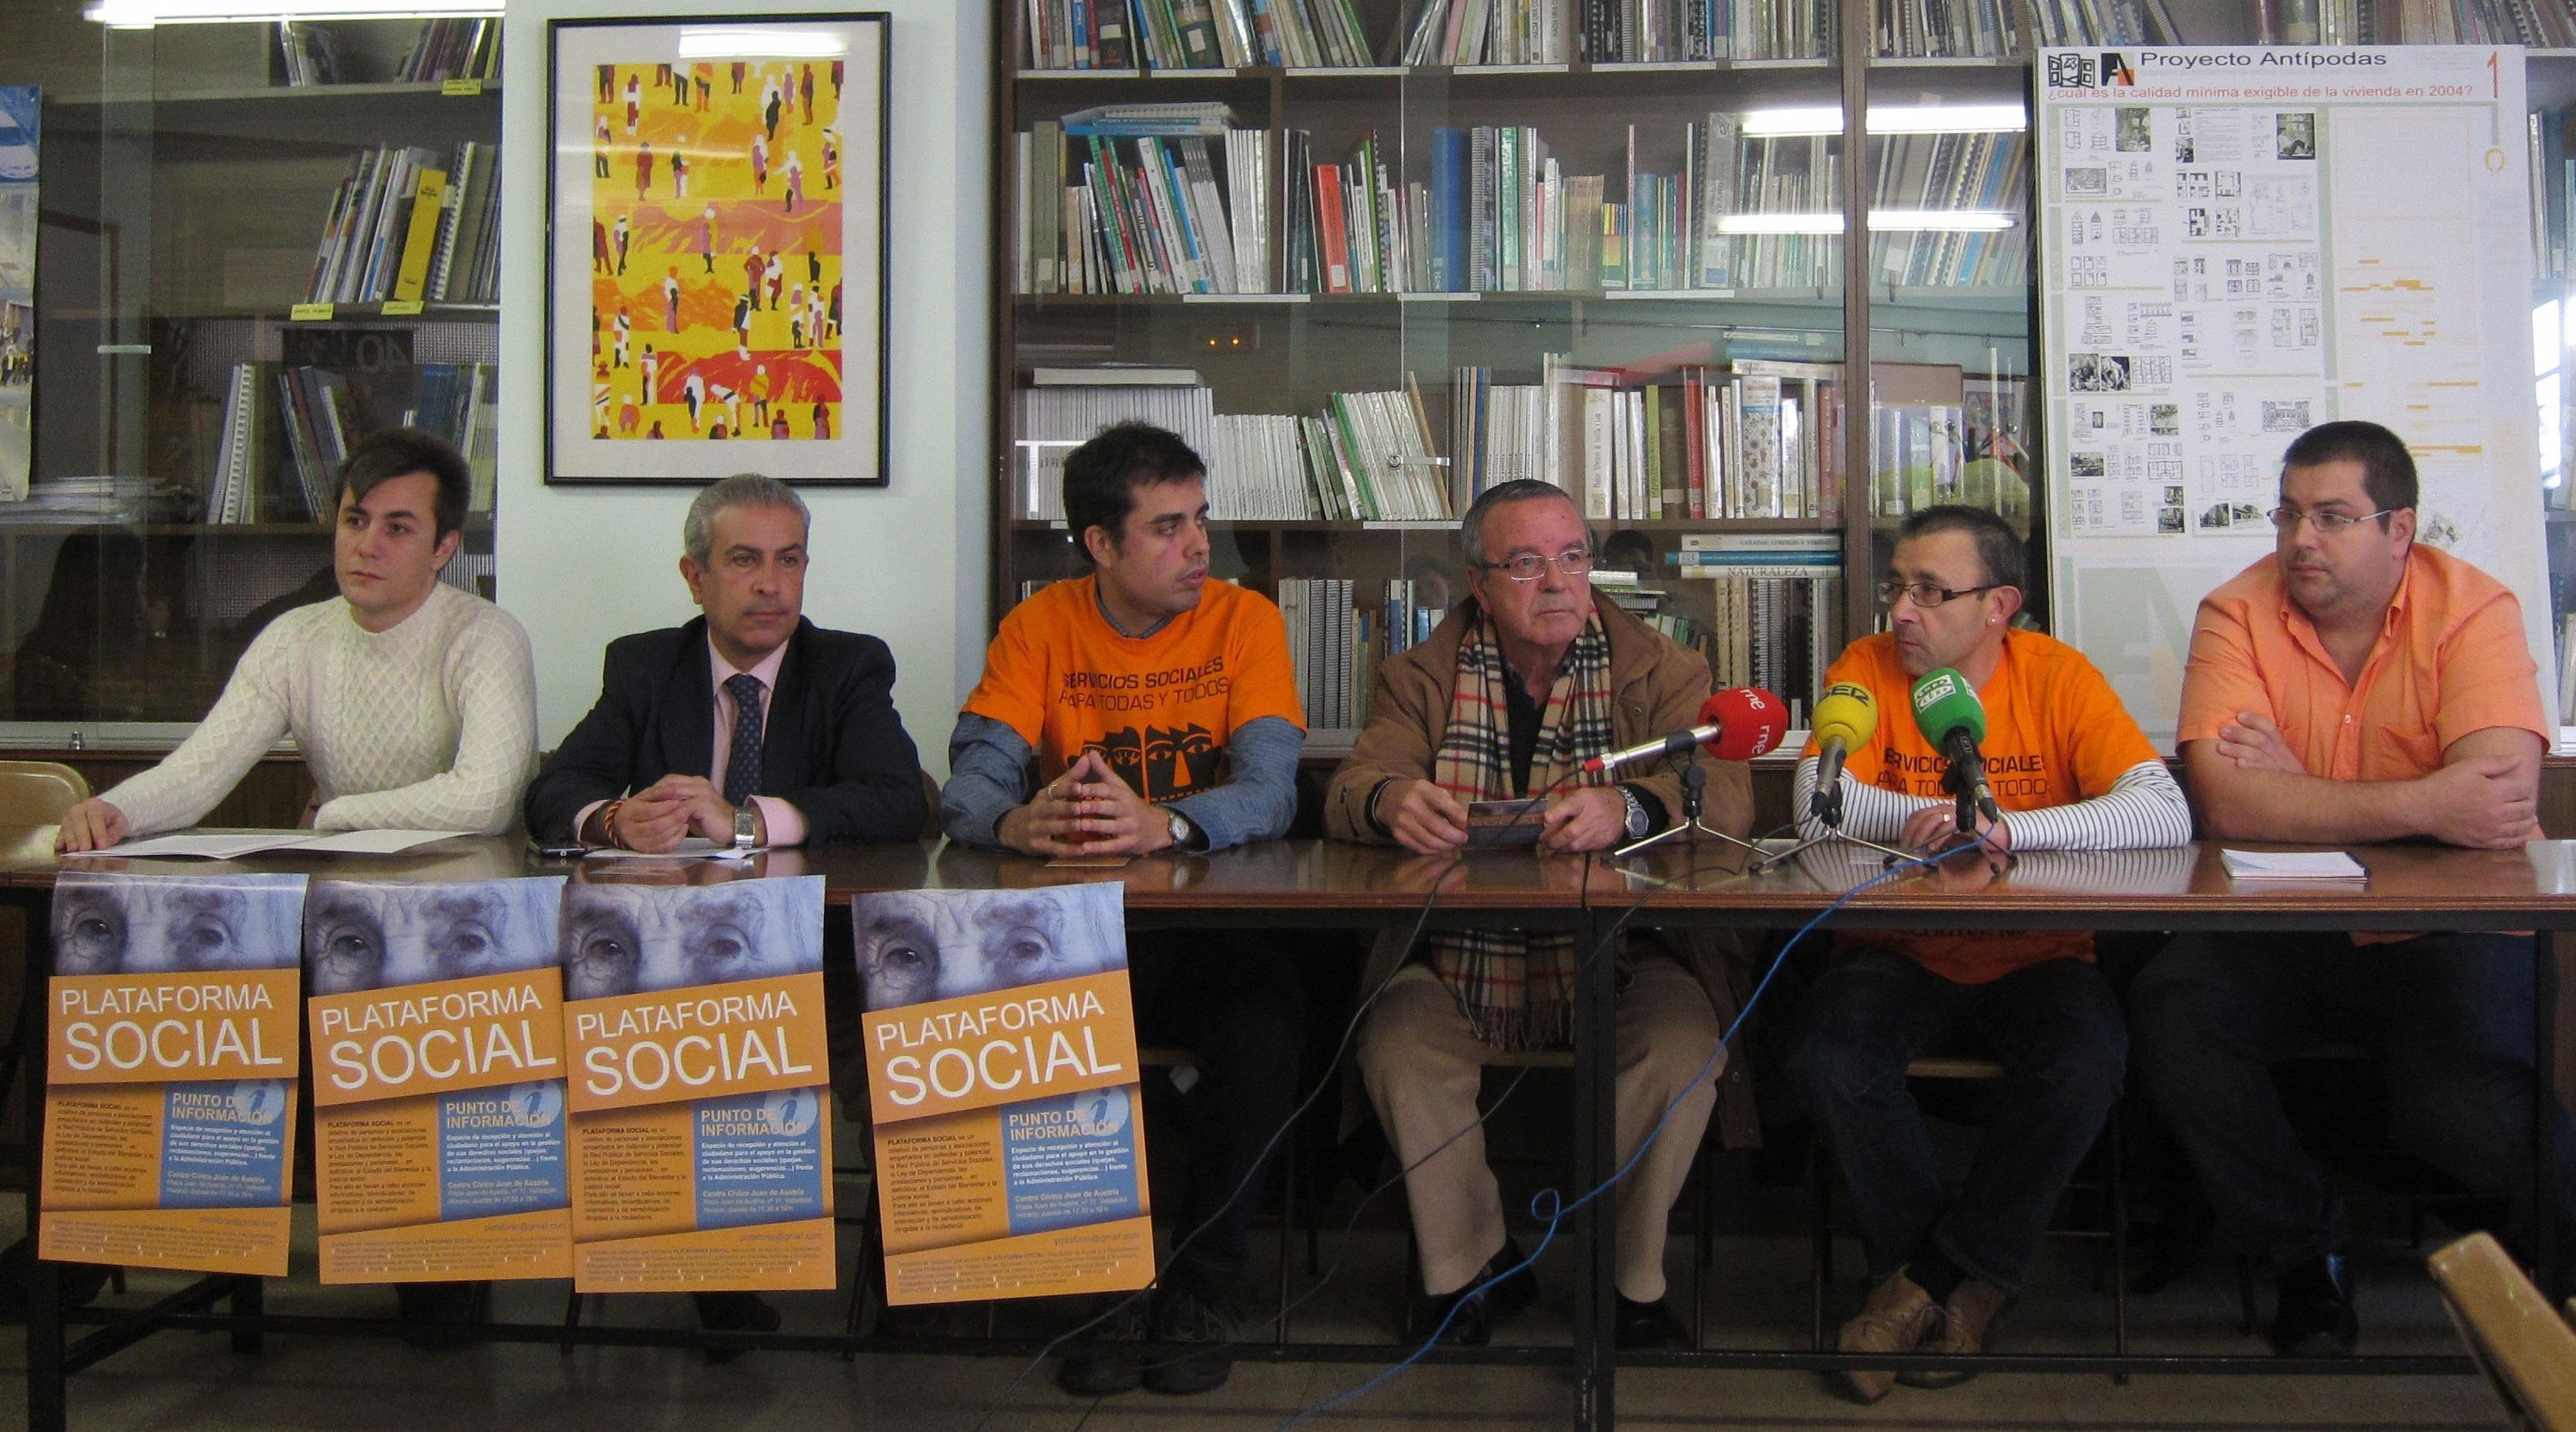 La Plataforma Social de Valladolid pone en marcha un punto de información para fomentar las reclamaciones ciudadanas